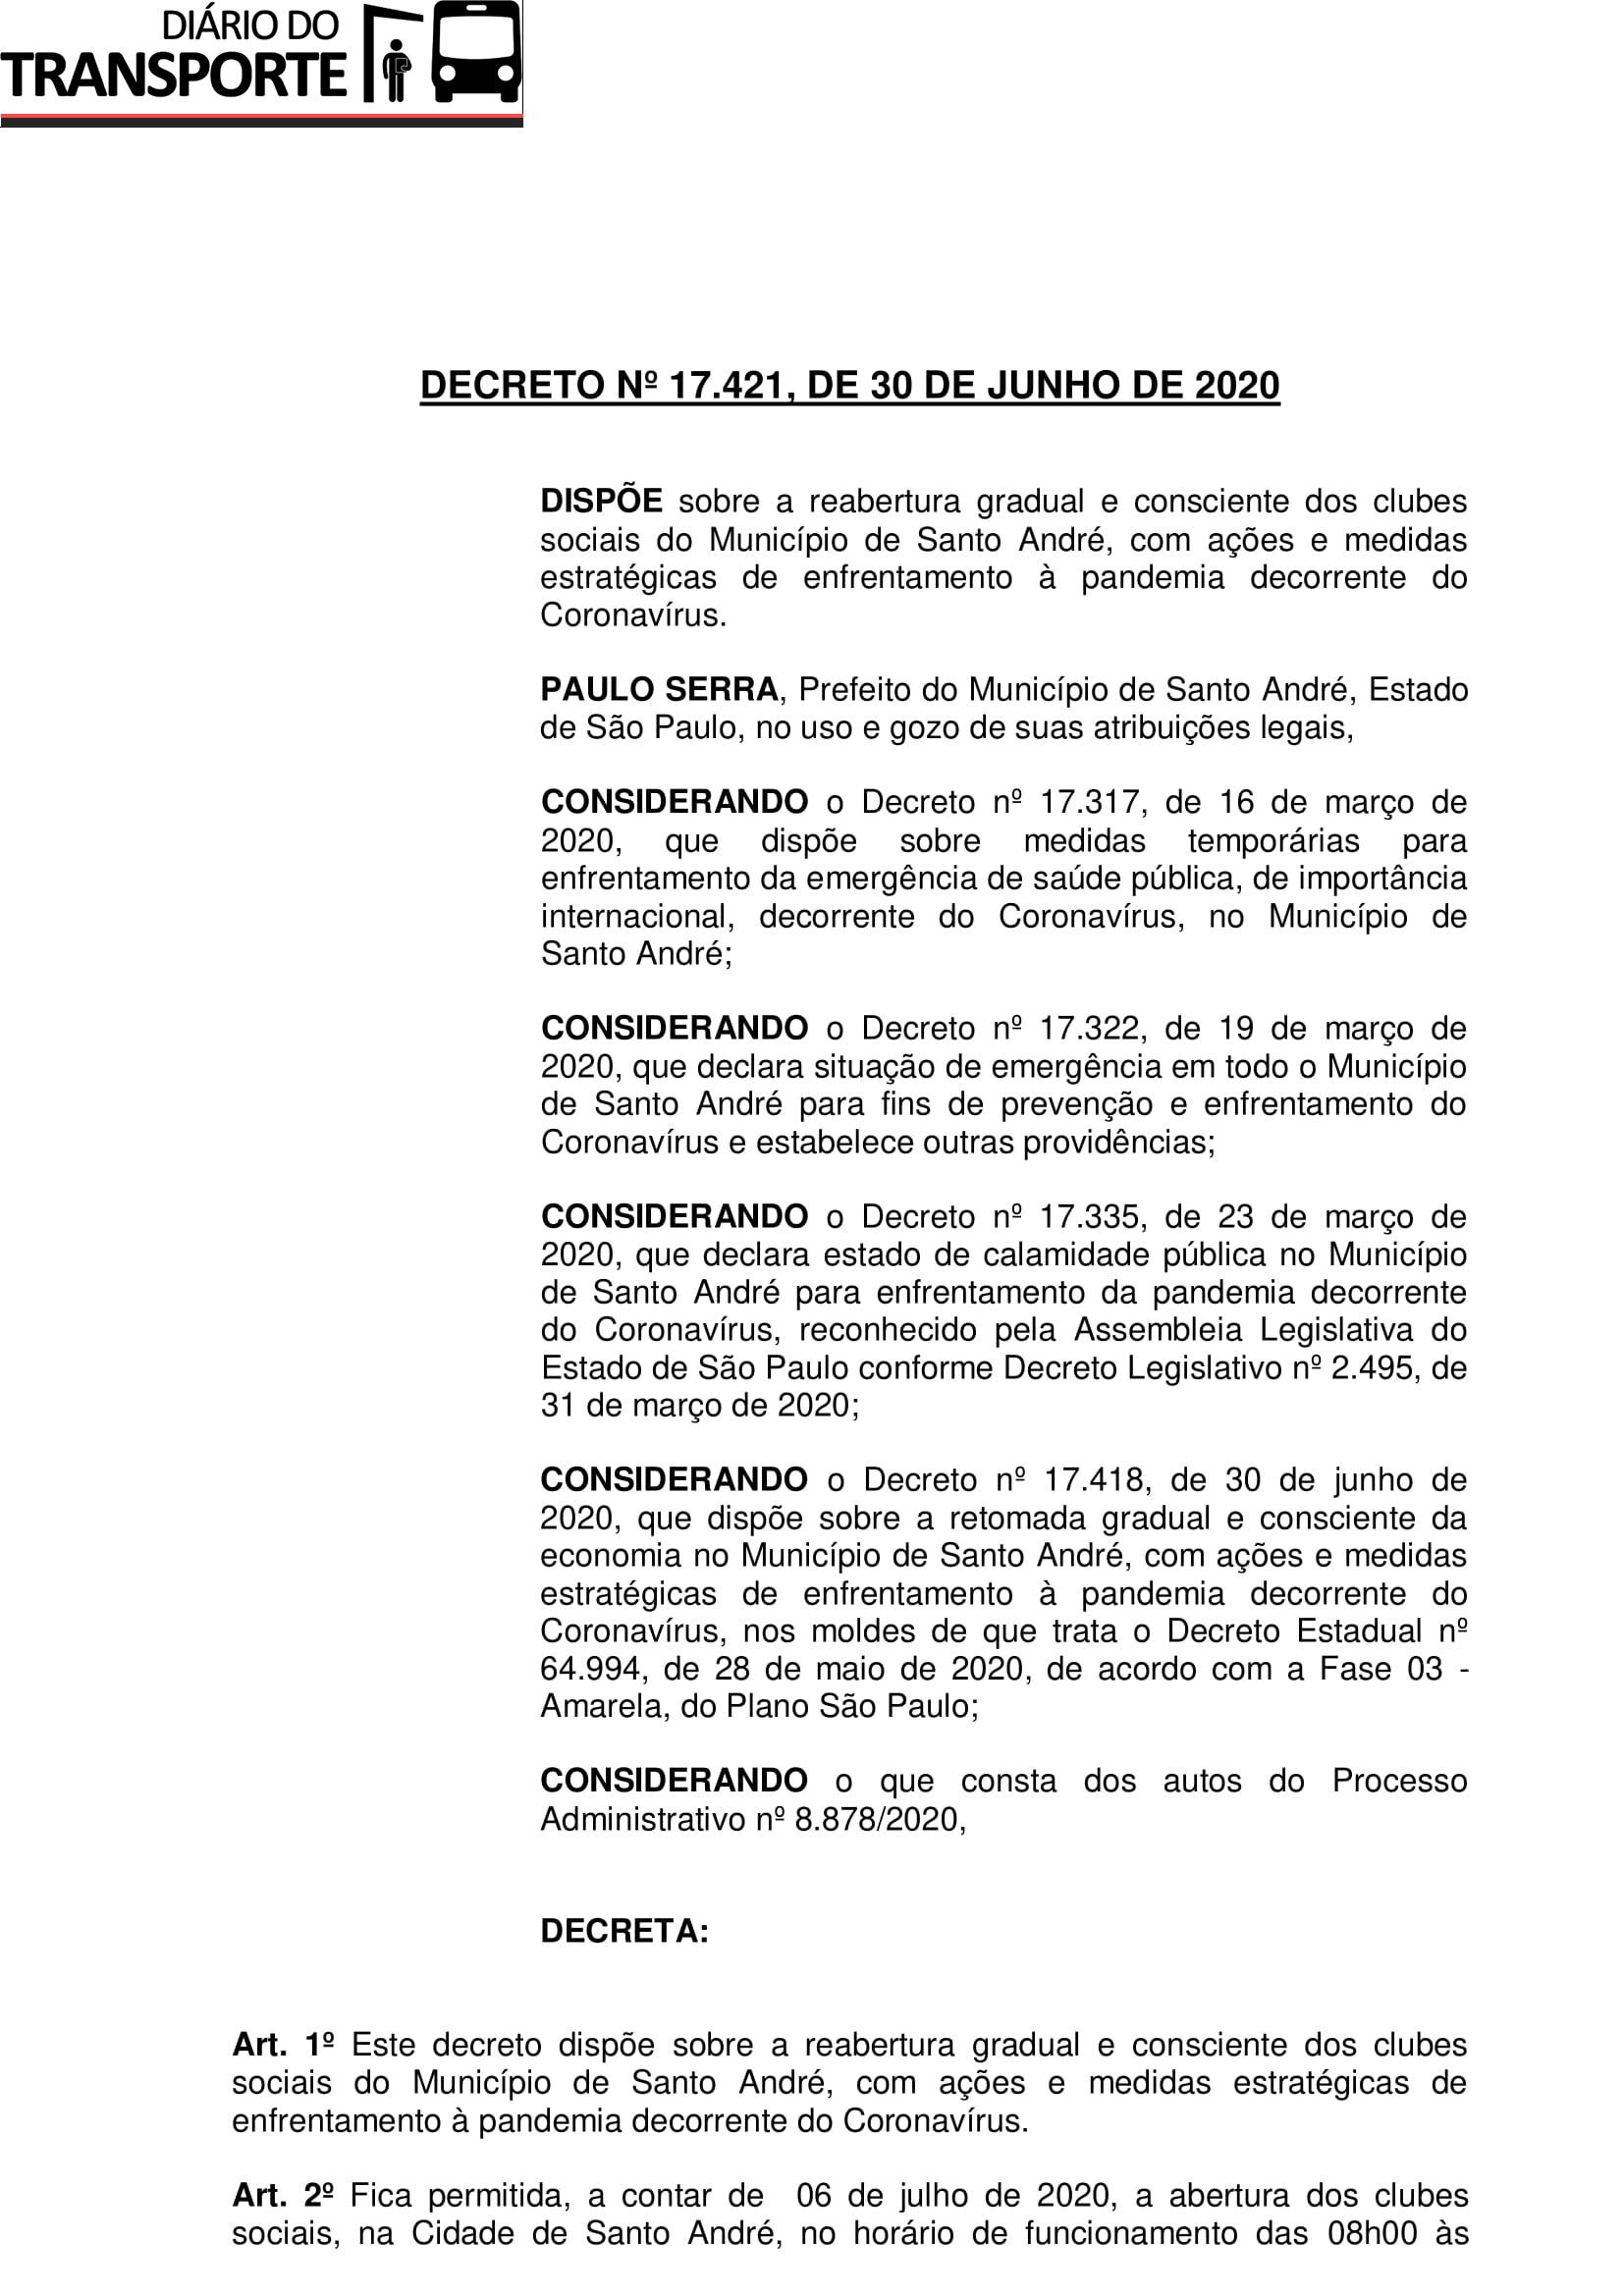 Decreto nº 17.421 (Reabertura gradual e consciente dos clubes sociais)-1